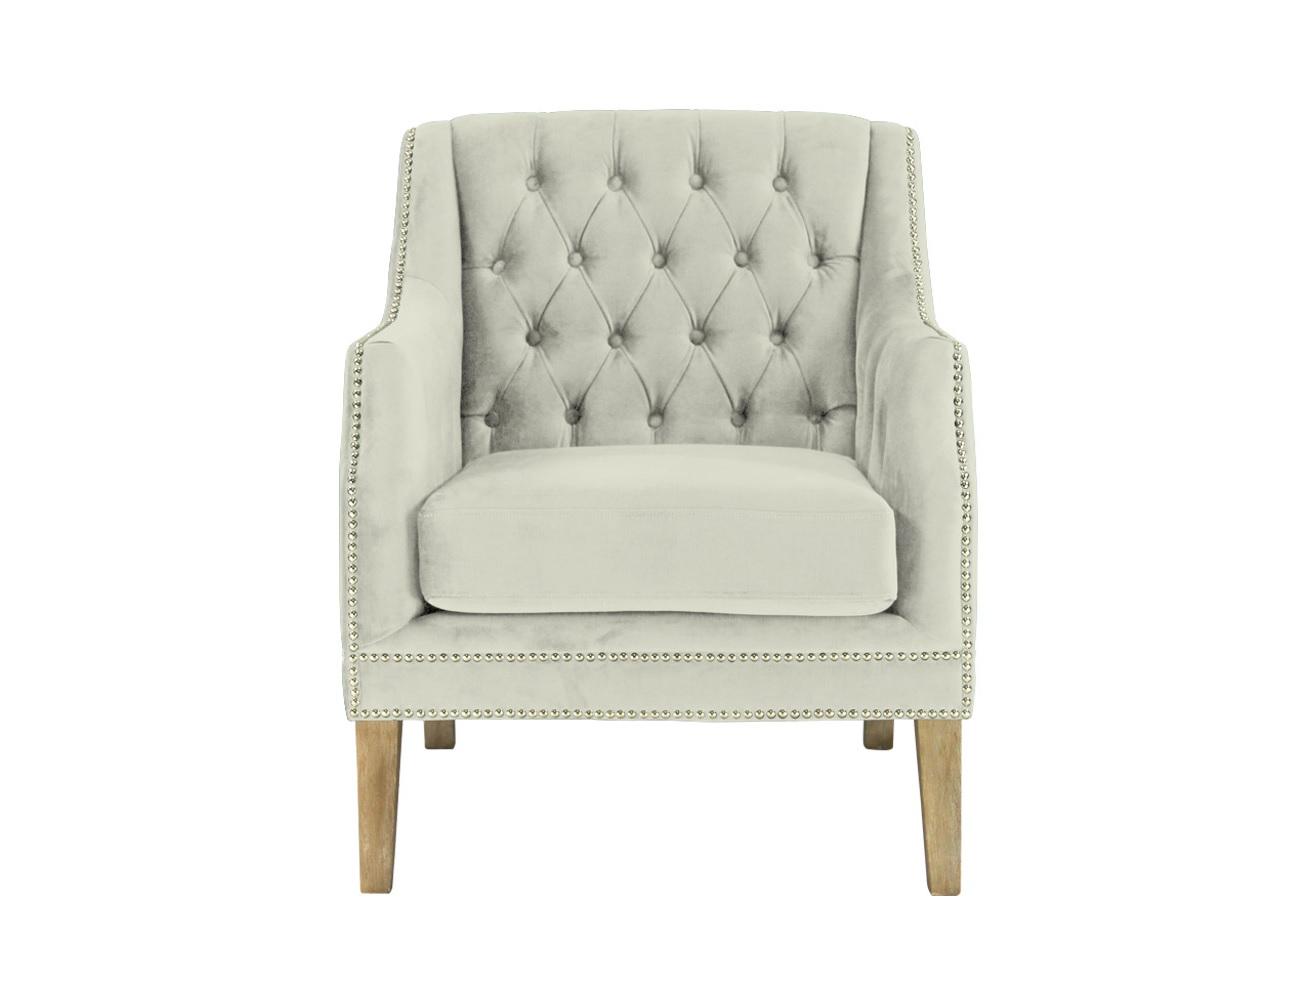 Кресло Carmela ArmchairИнтерьерные кресла<br><br><br>Material: Текстиль<br>Width см: 71<br>Depth см: 81<br>Height см: 87